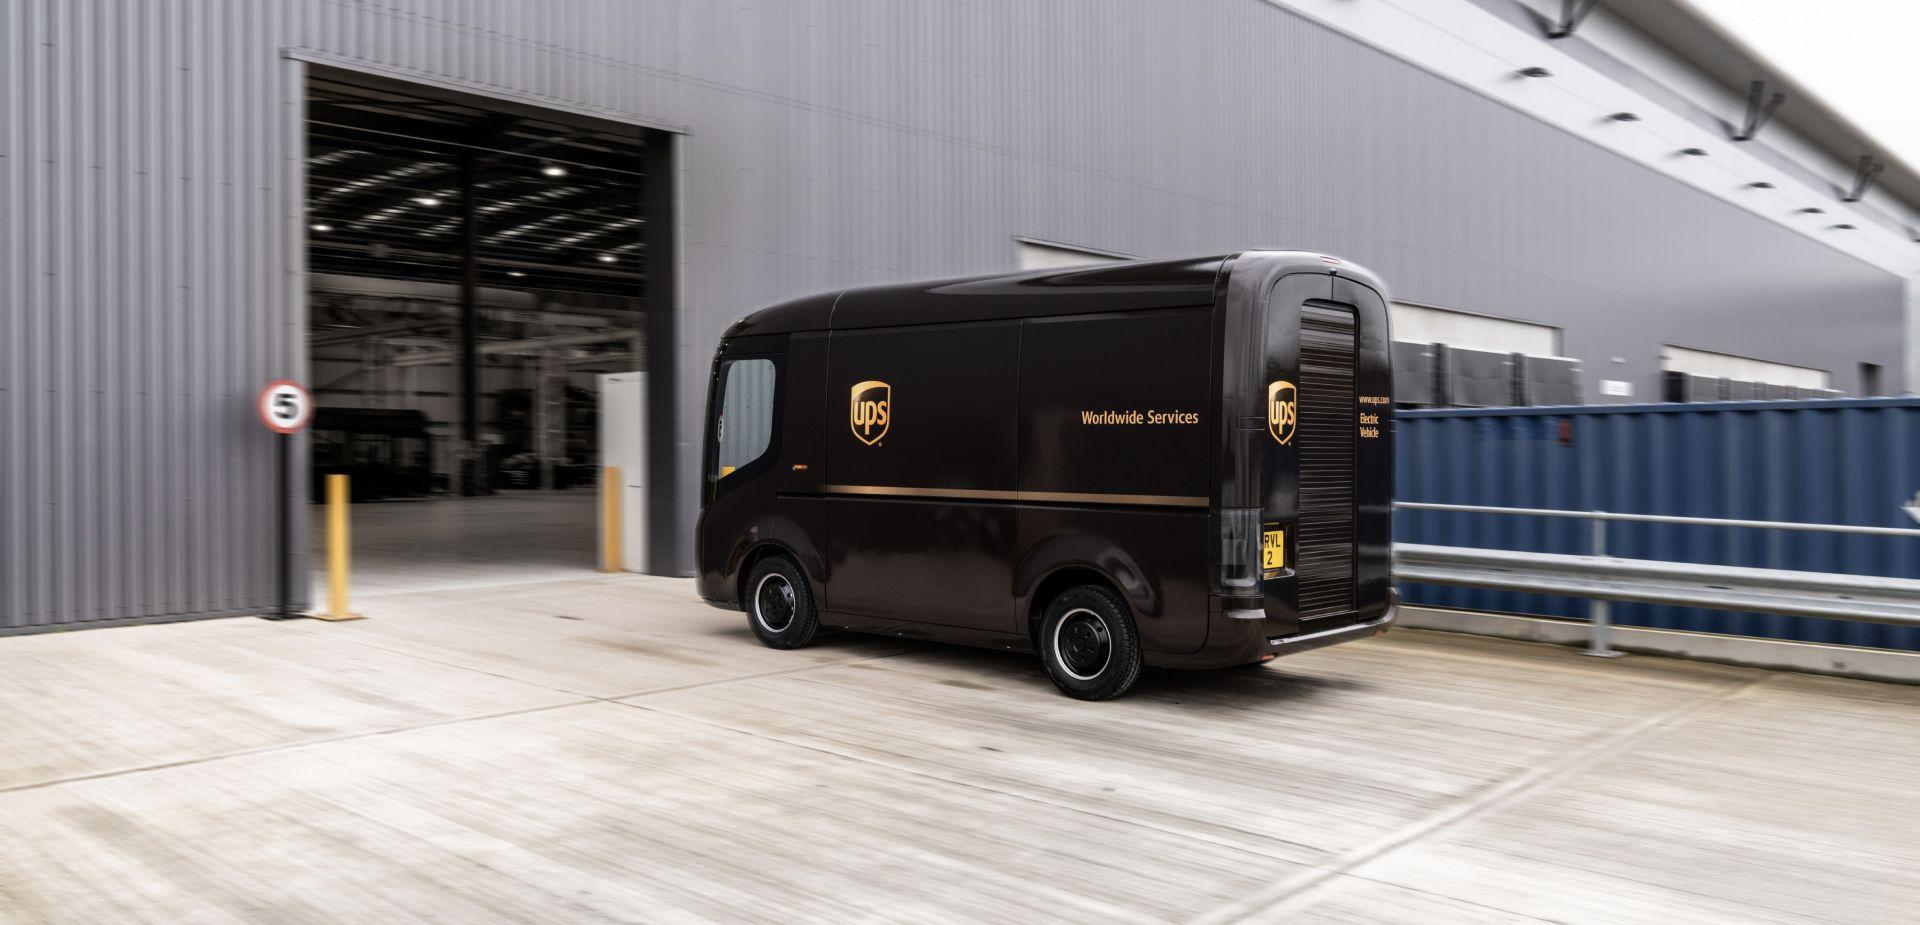 Arrival Produktionswerk für 10.000 E-Transporter steht zum Einsatz bereit